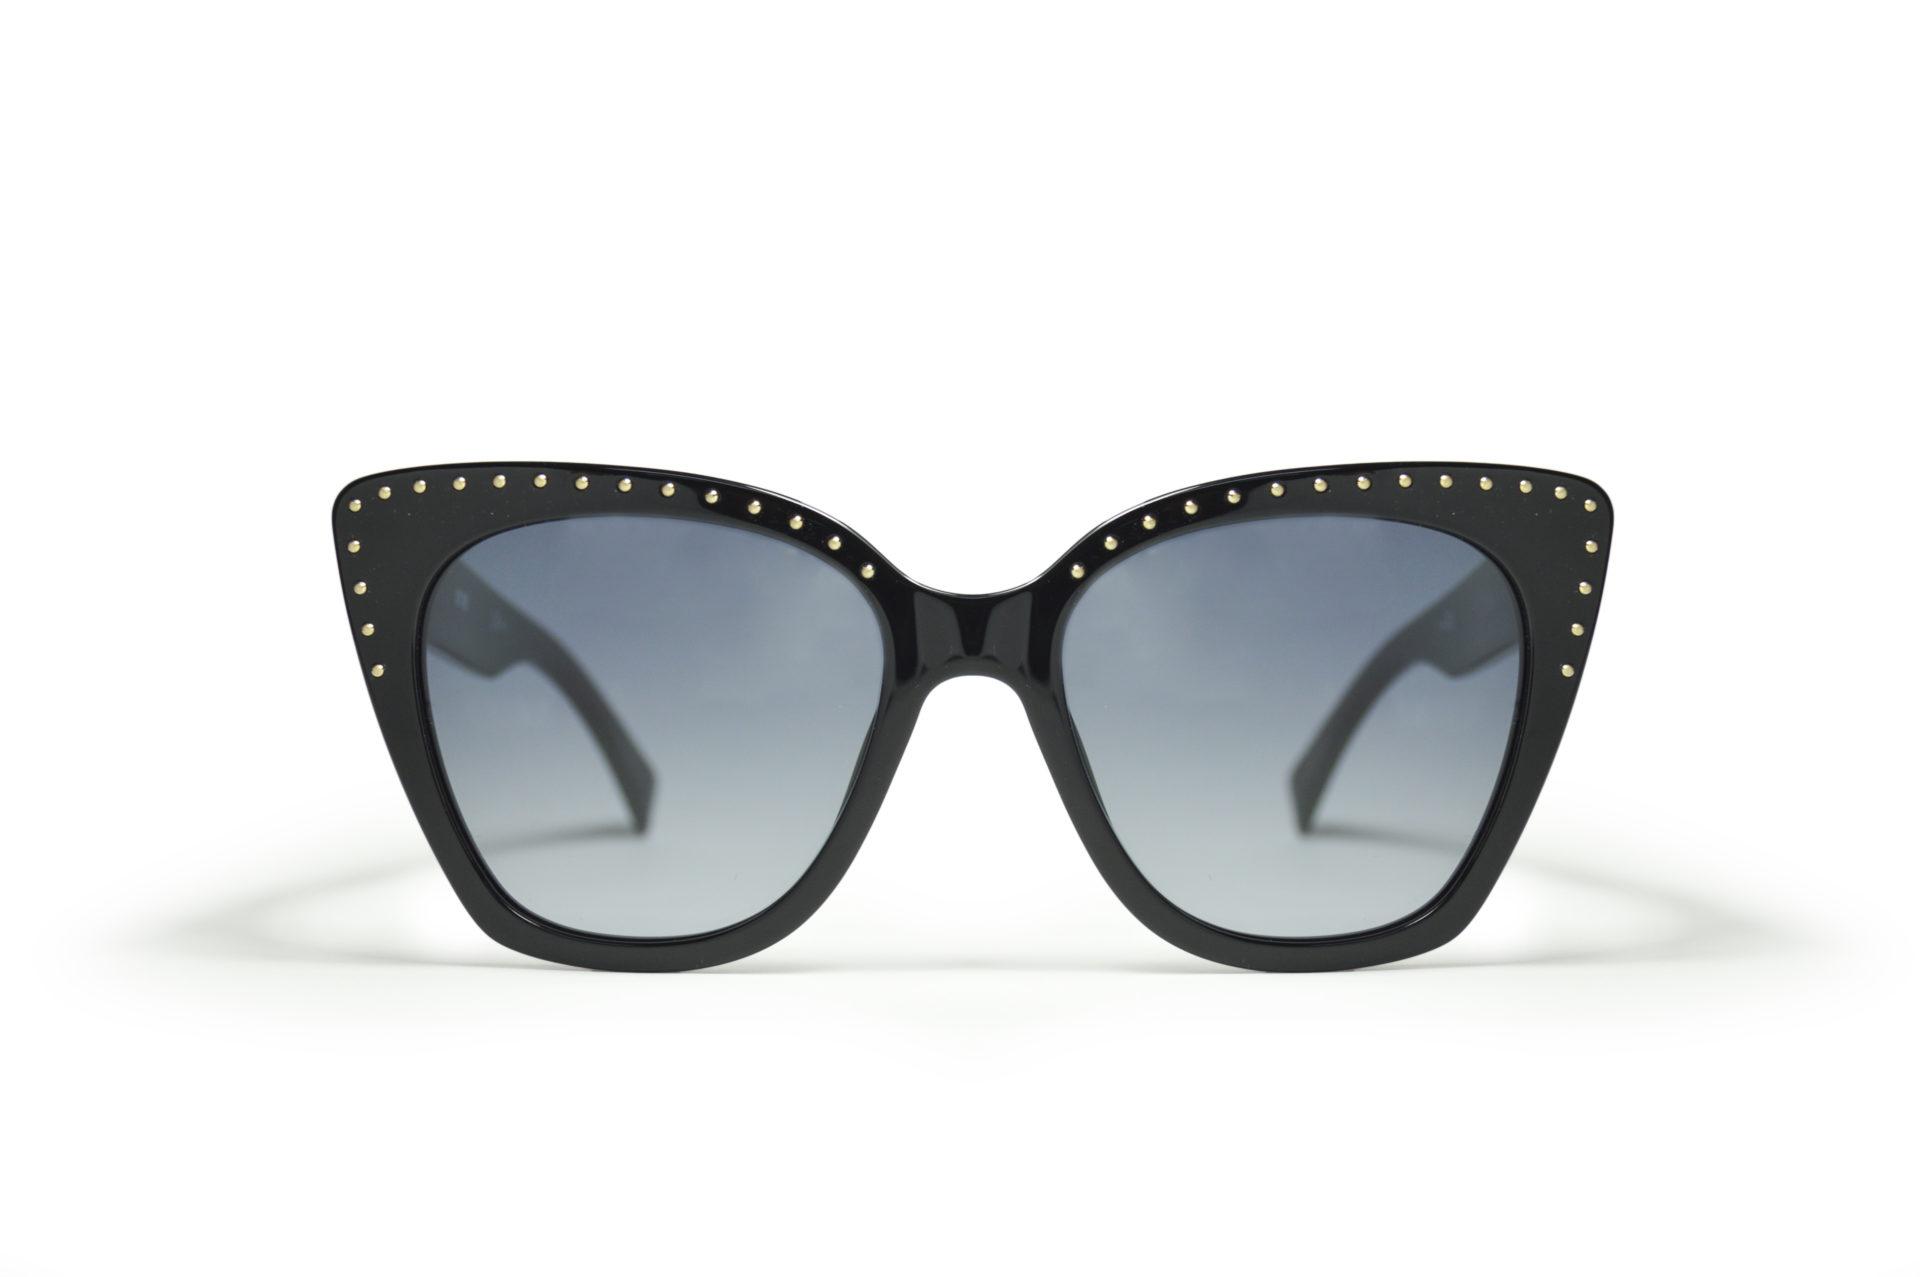 59b4bb1c1 Óculos de sol: por que as mulheres gostam tanto? | Taís Venancio